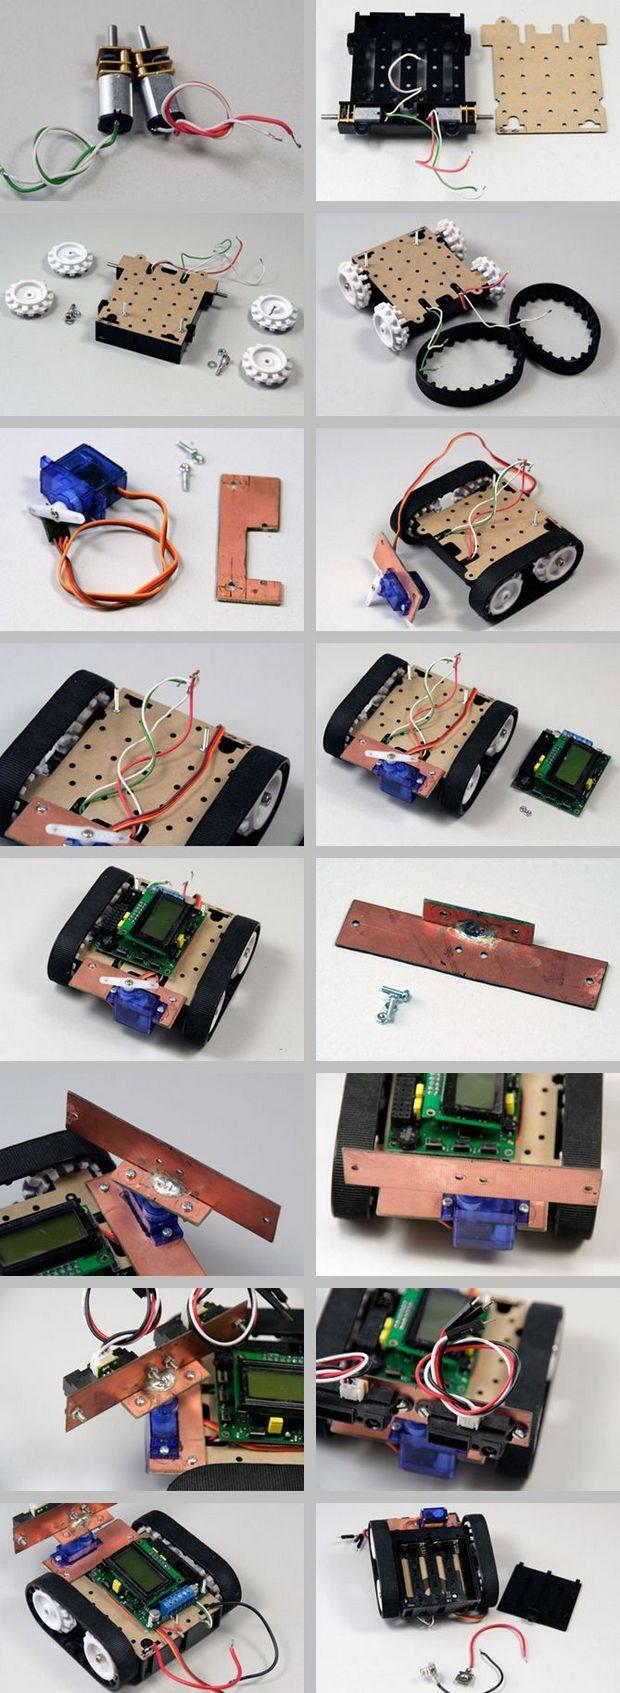 robot-orangutan-sv328-atmega328-tb6612fng